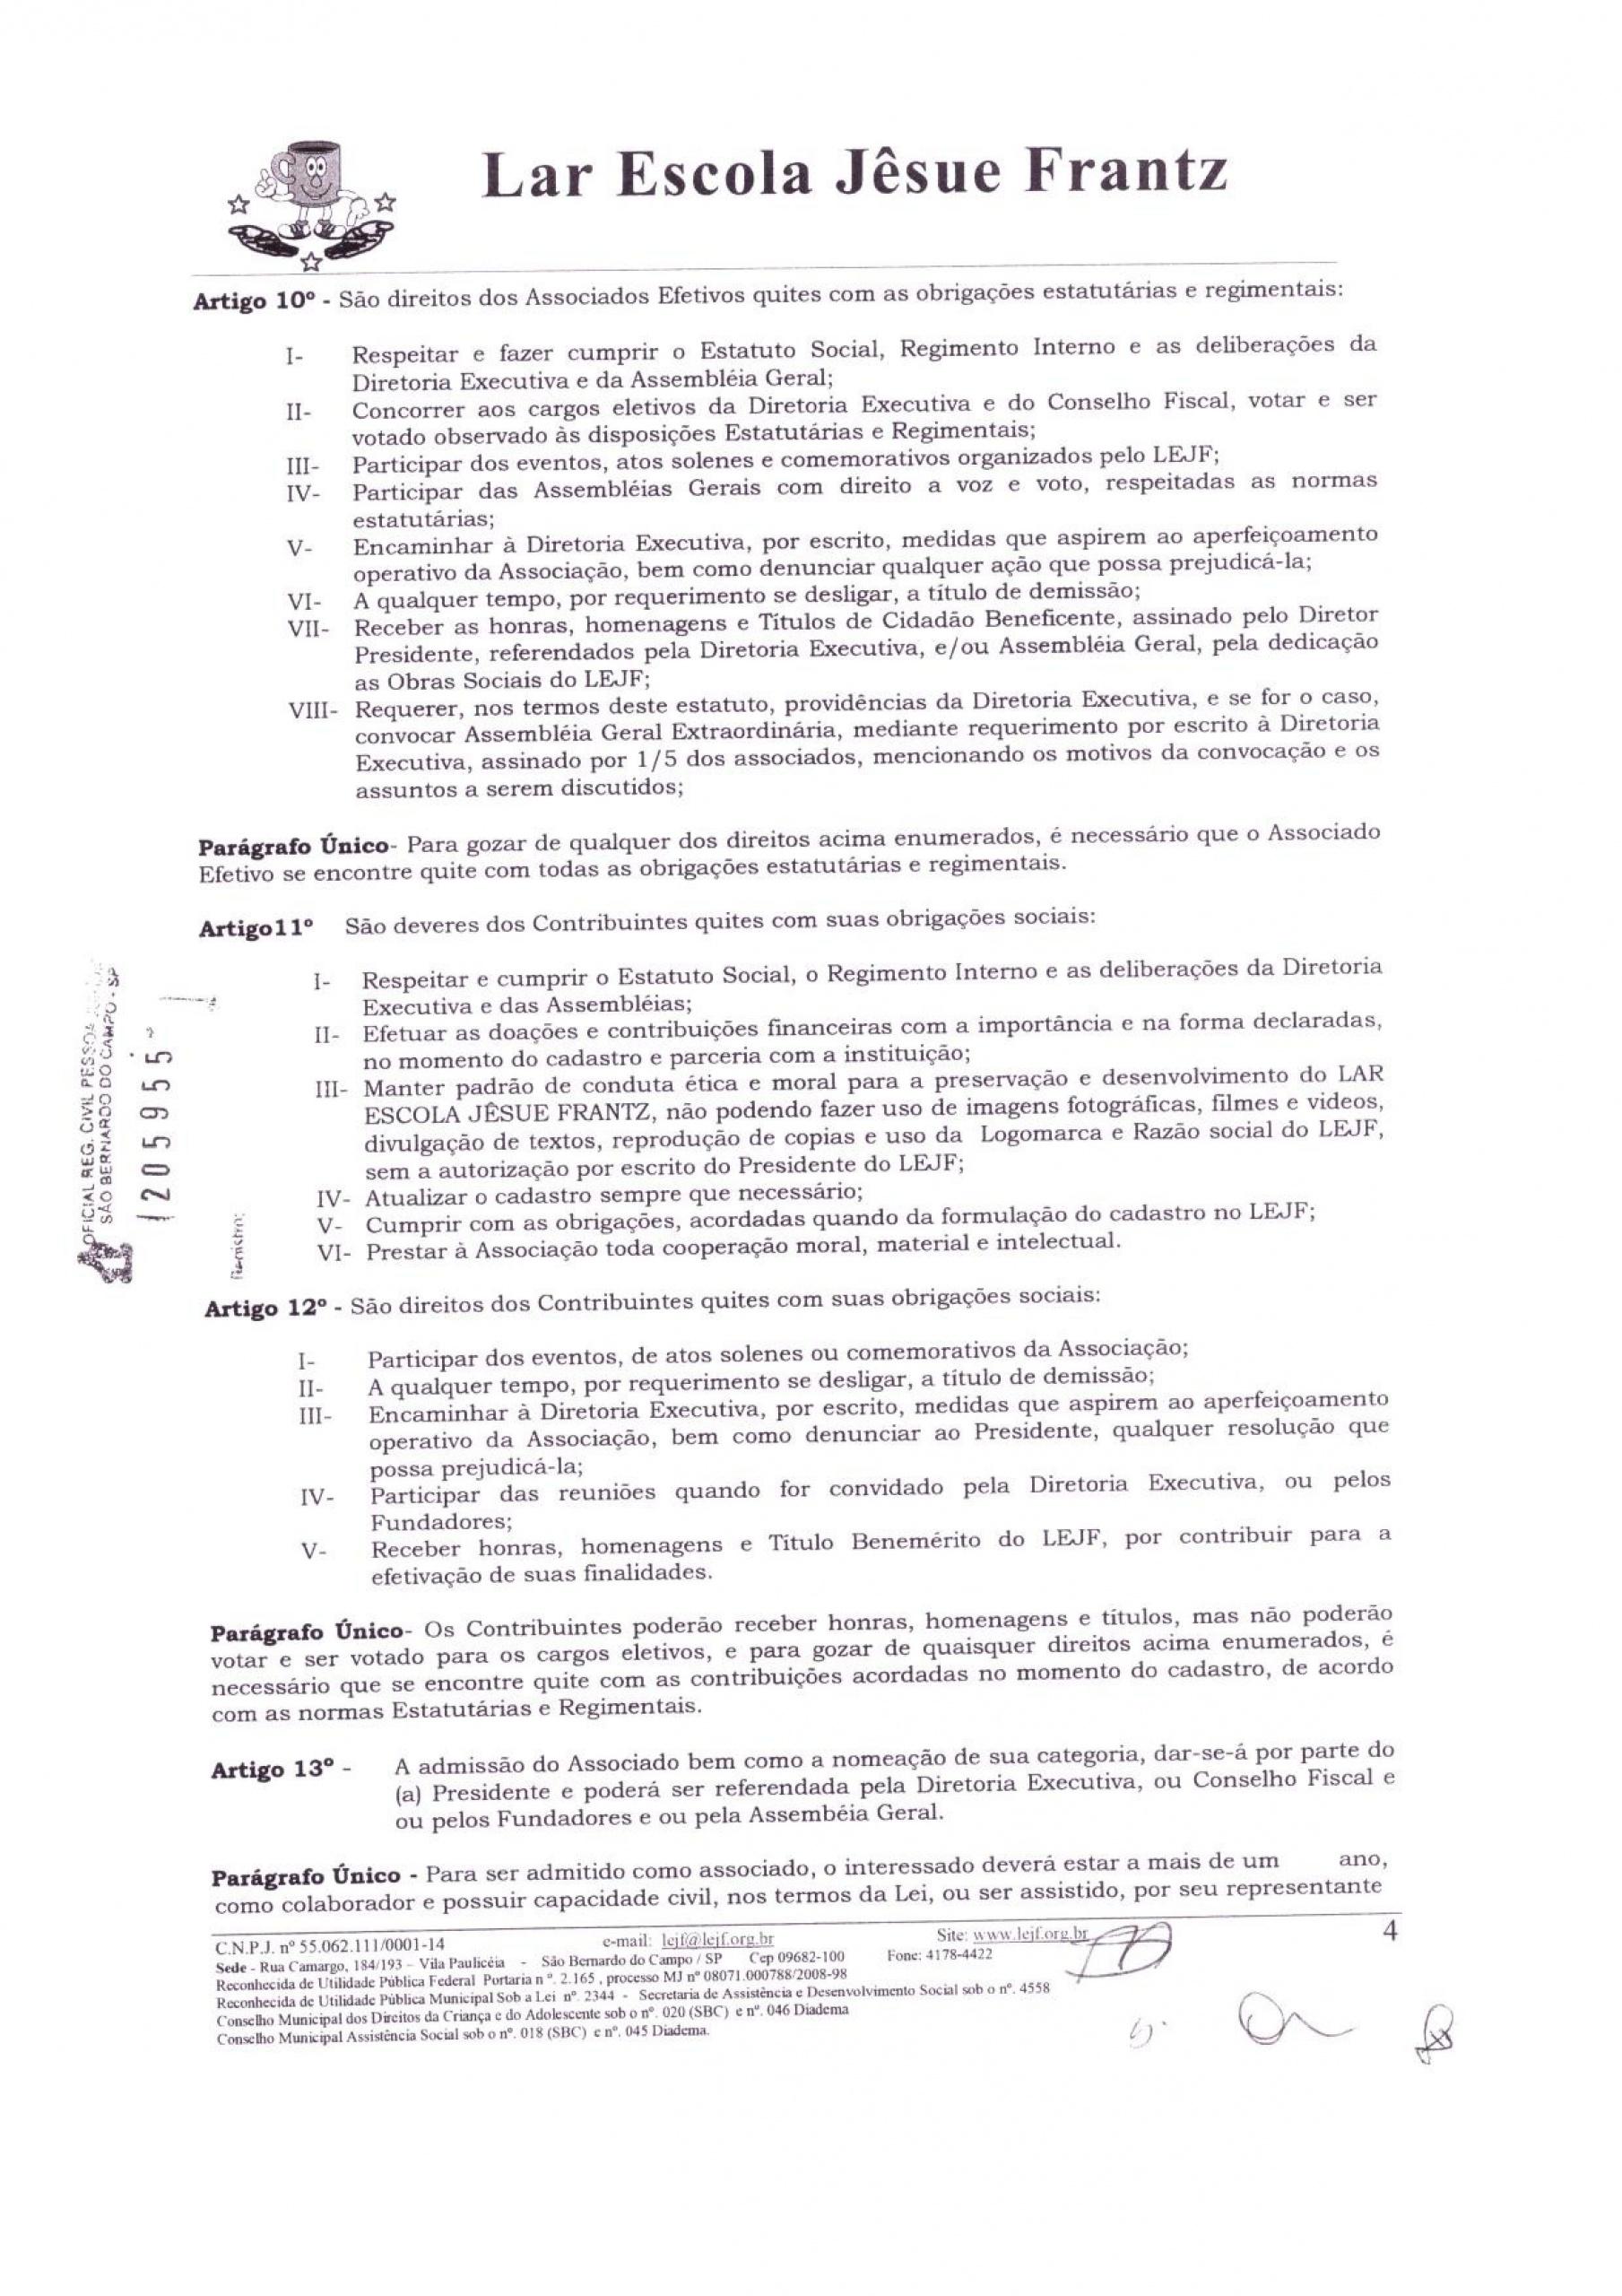 0004 - Estatuto 2018